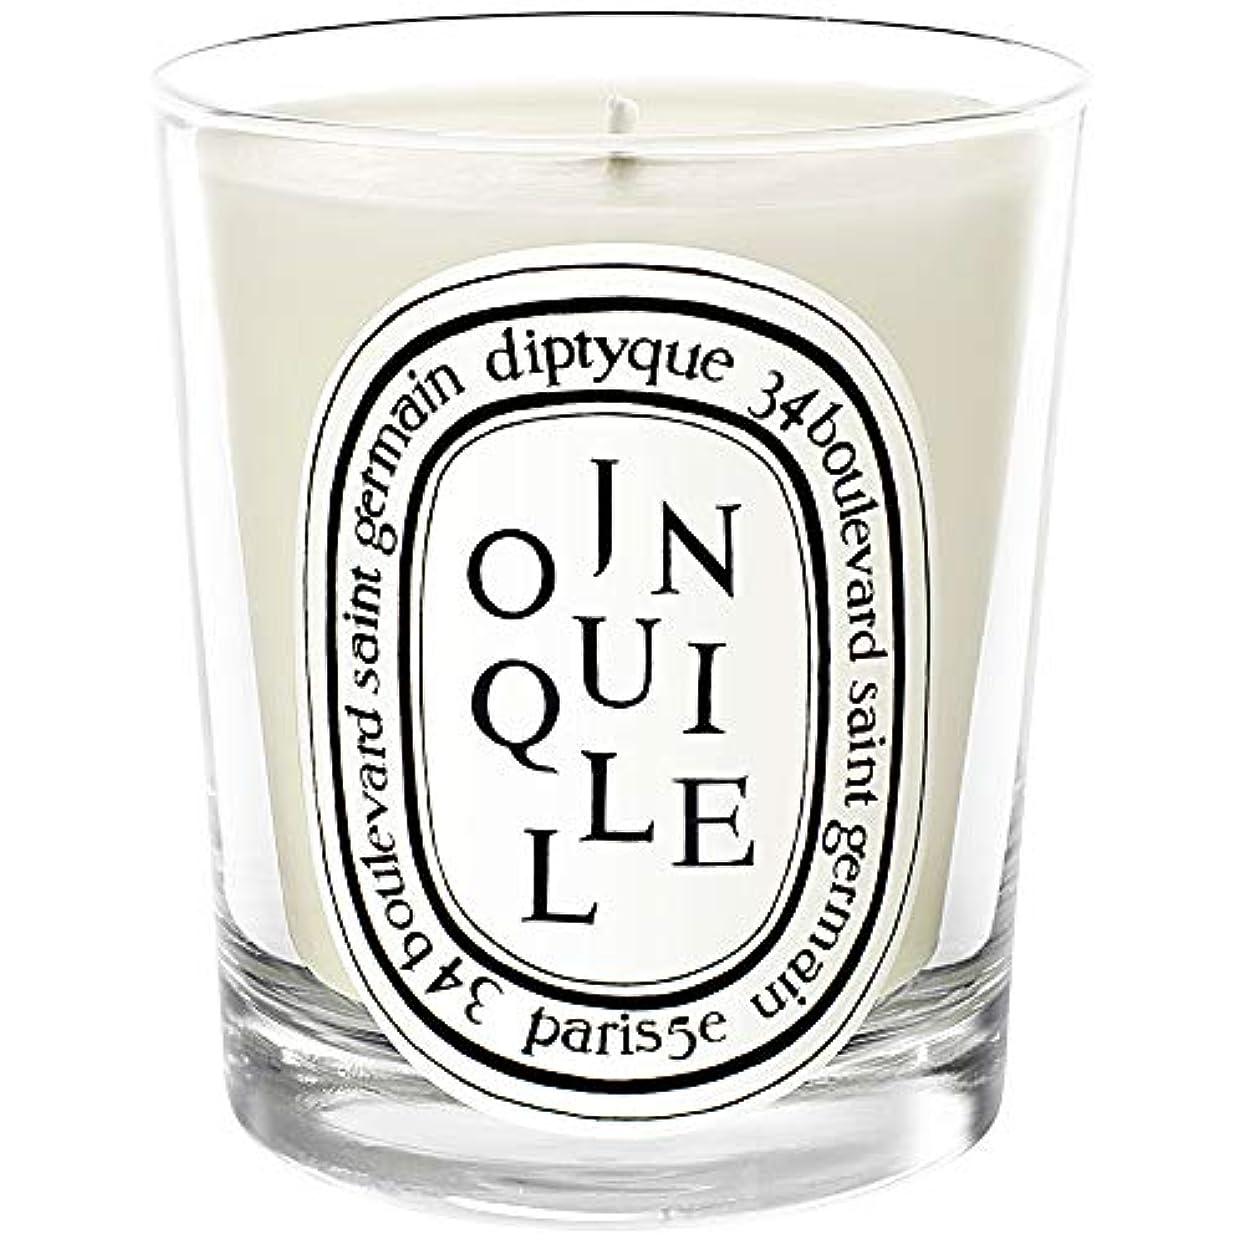 トリップ表現援助する[Diptyque] Diptyque Jonquilleキャンドル190グラム - Diptyque Jonquille Candle 190g [並行輸入品]